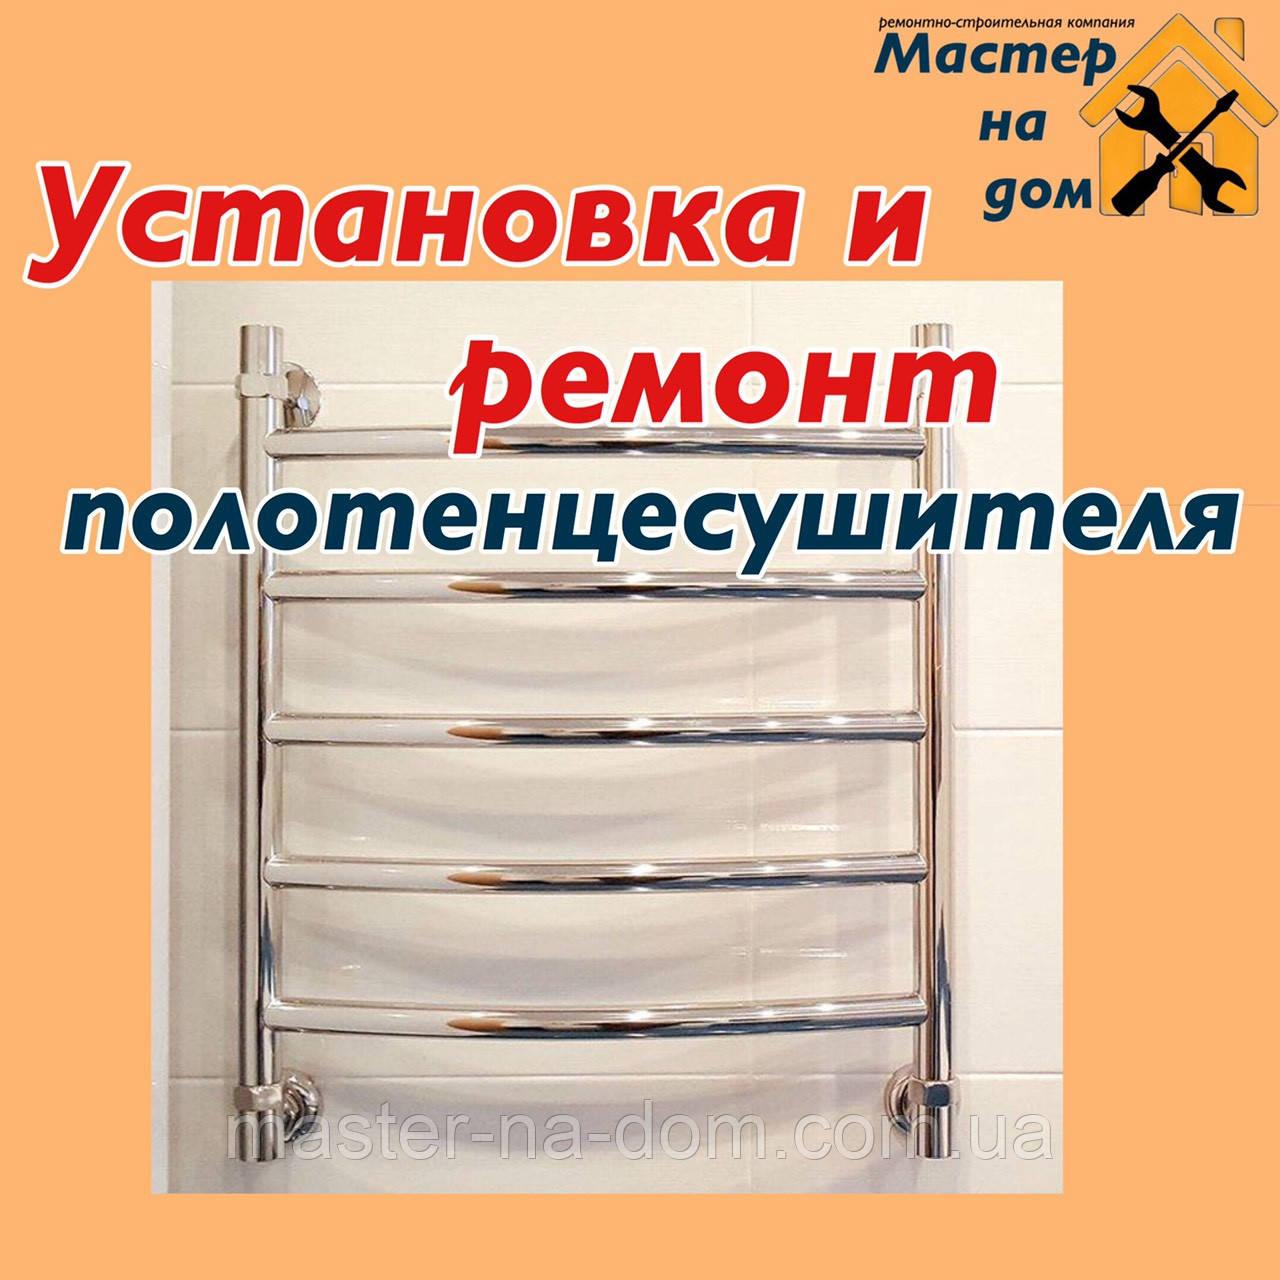 Установка и ремонт полотенцесушителя в Черновцах